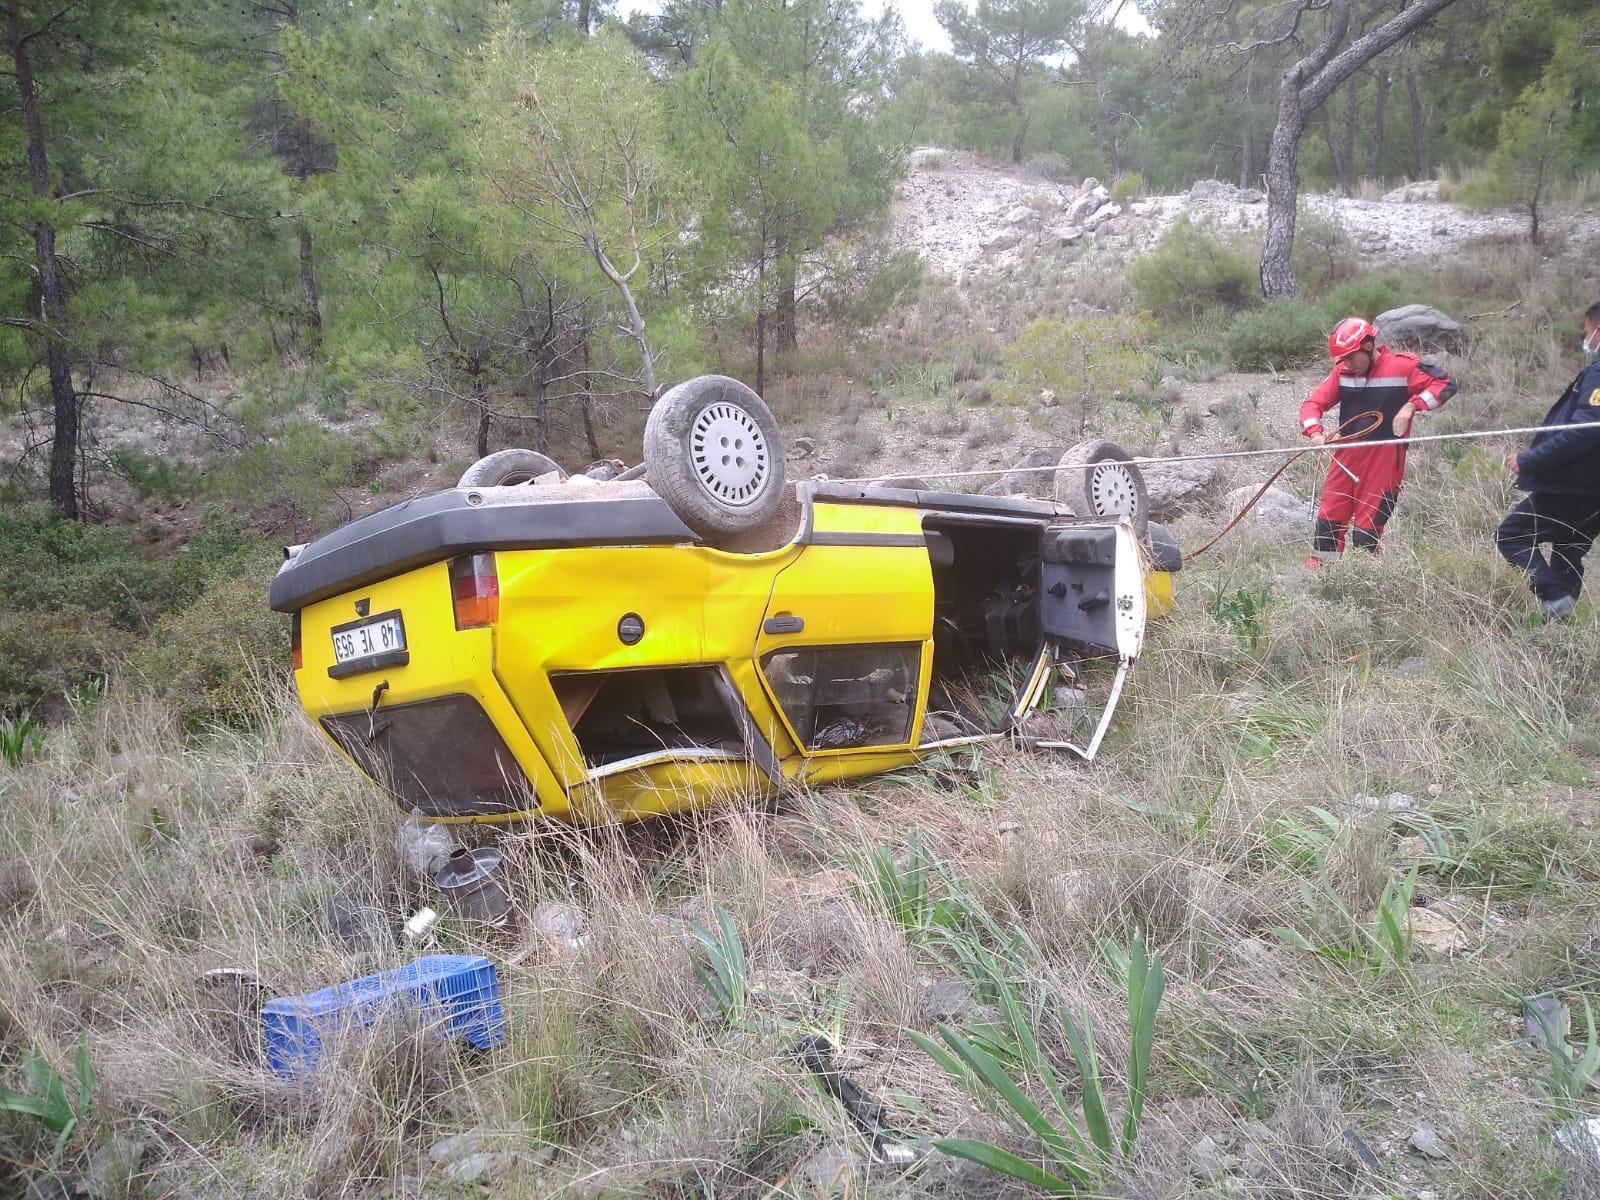 uçuruma devrilen otomobilin sürücüsü kurtarıldı